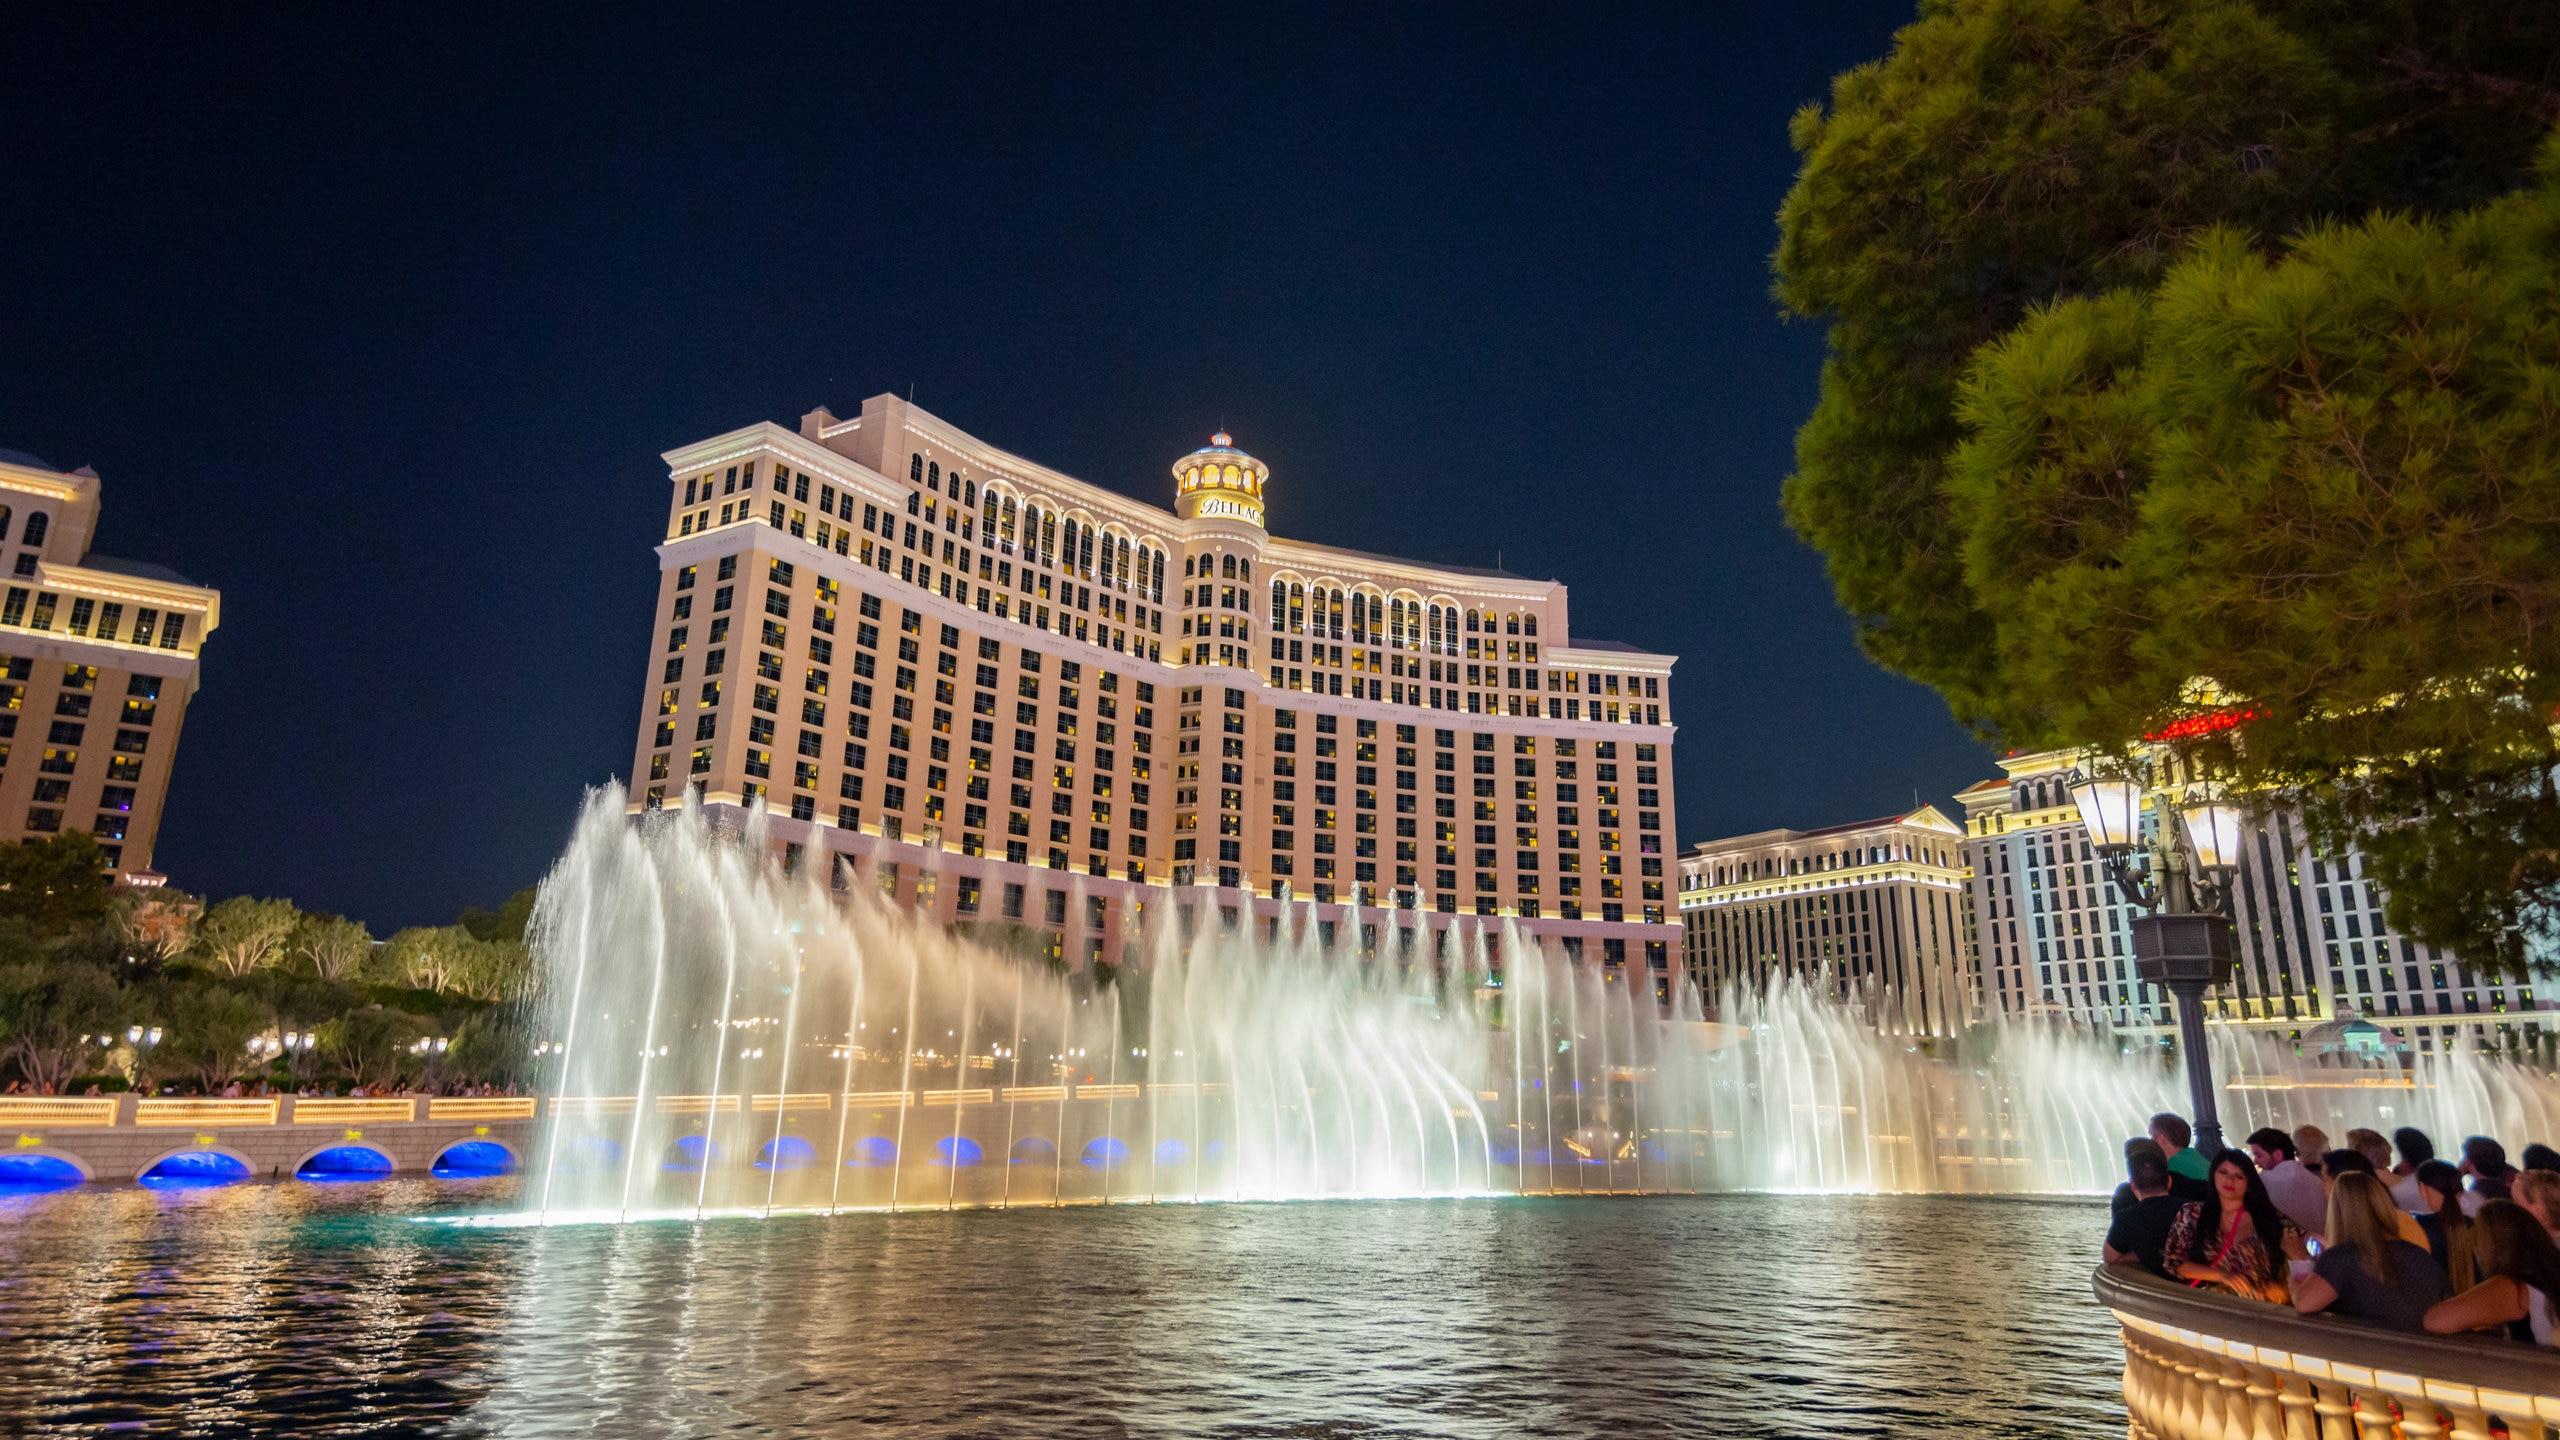 Bellagio Casino, Paradise, Nevada, United States of America